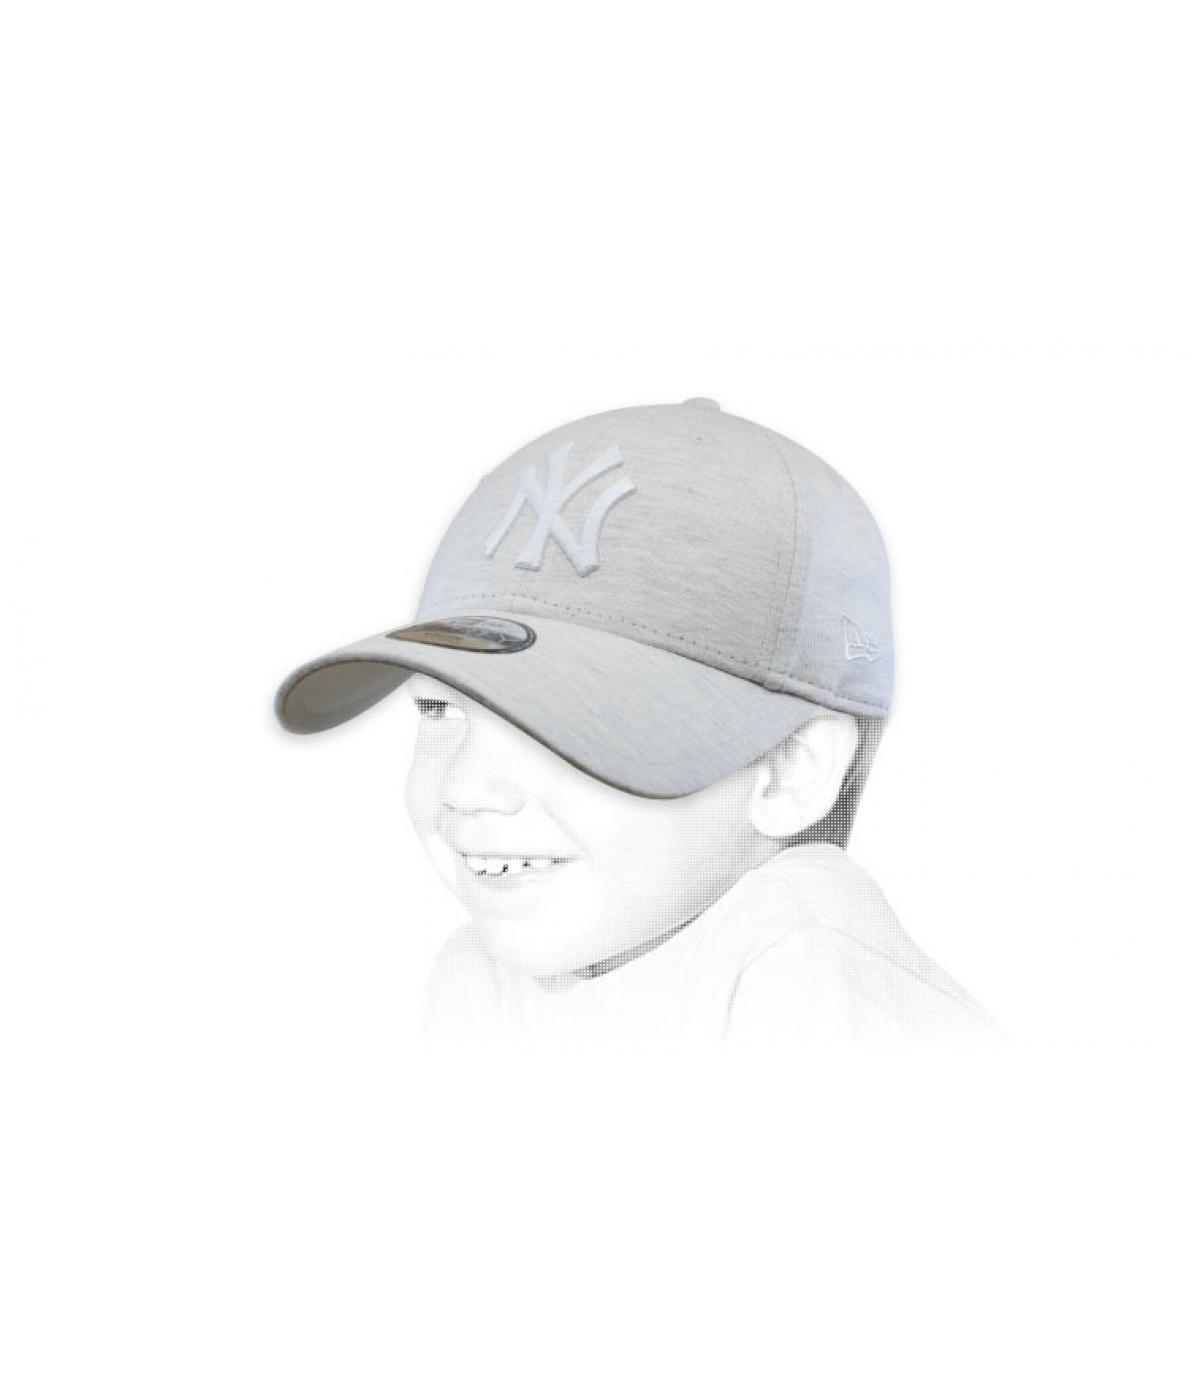 cappellino per bambini beige NY